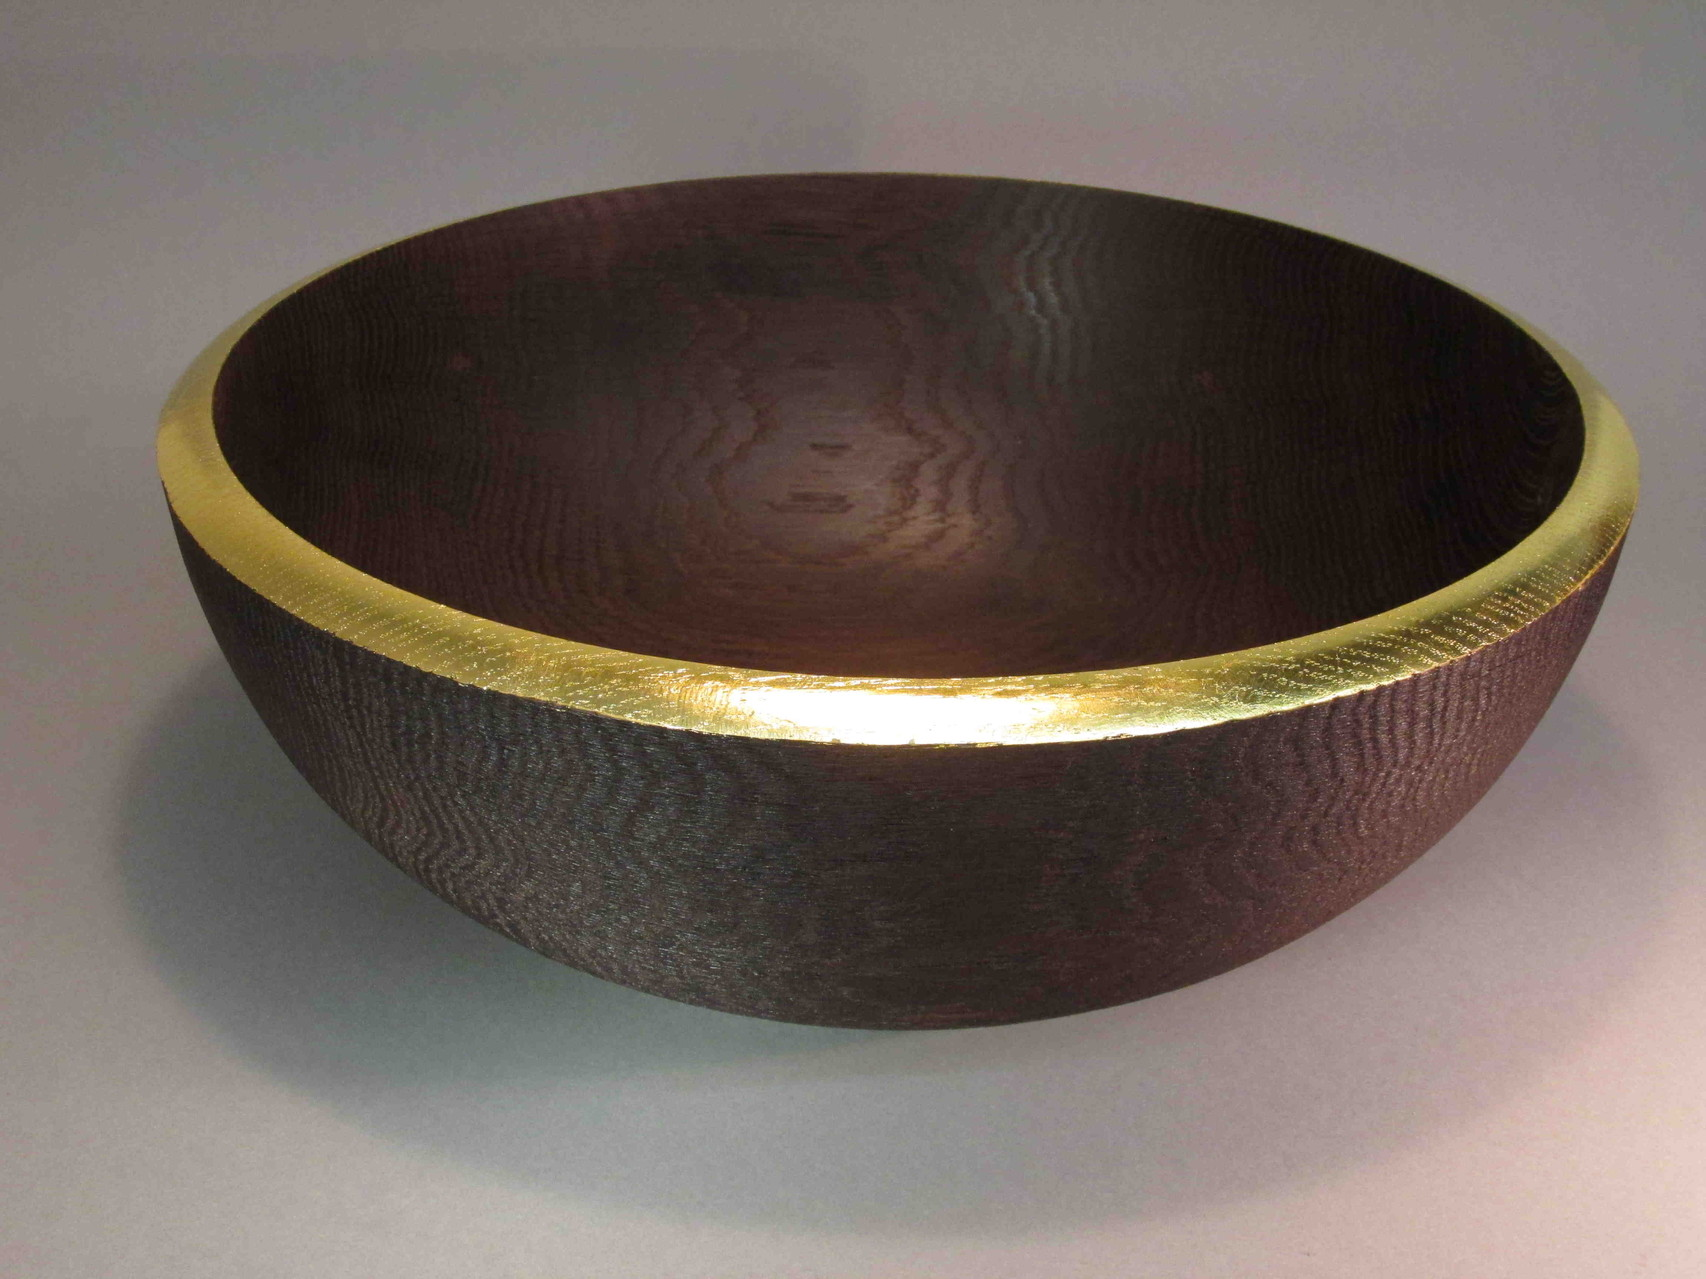 Dekoschüssel aus geräucherter und außen gebürsteter Eiche. Rand mit 24 krt Blattgold belegt